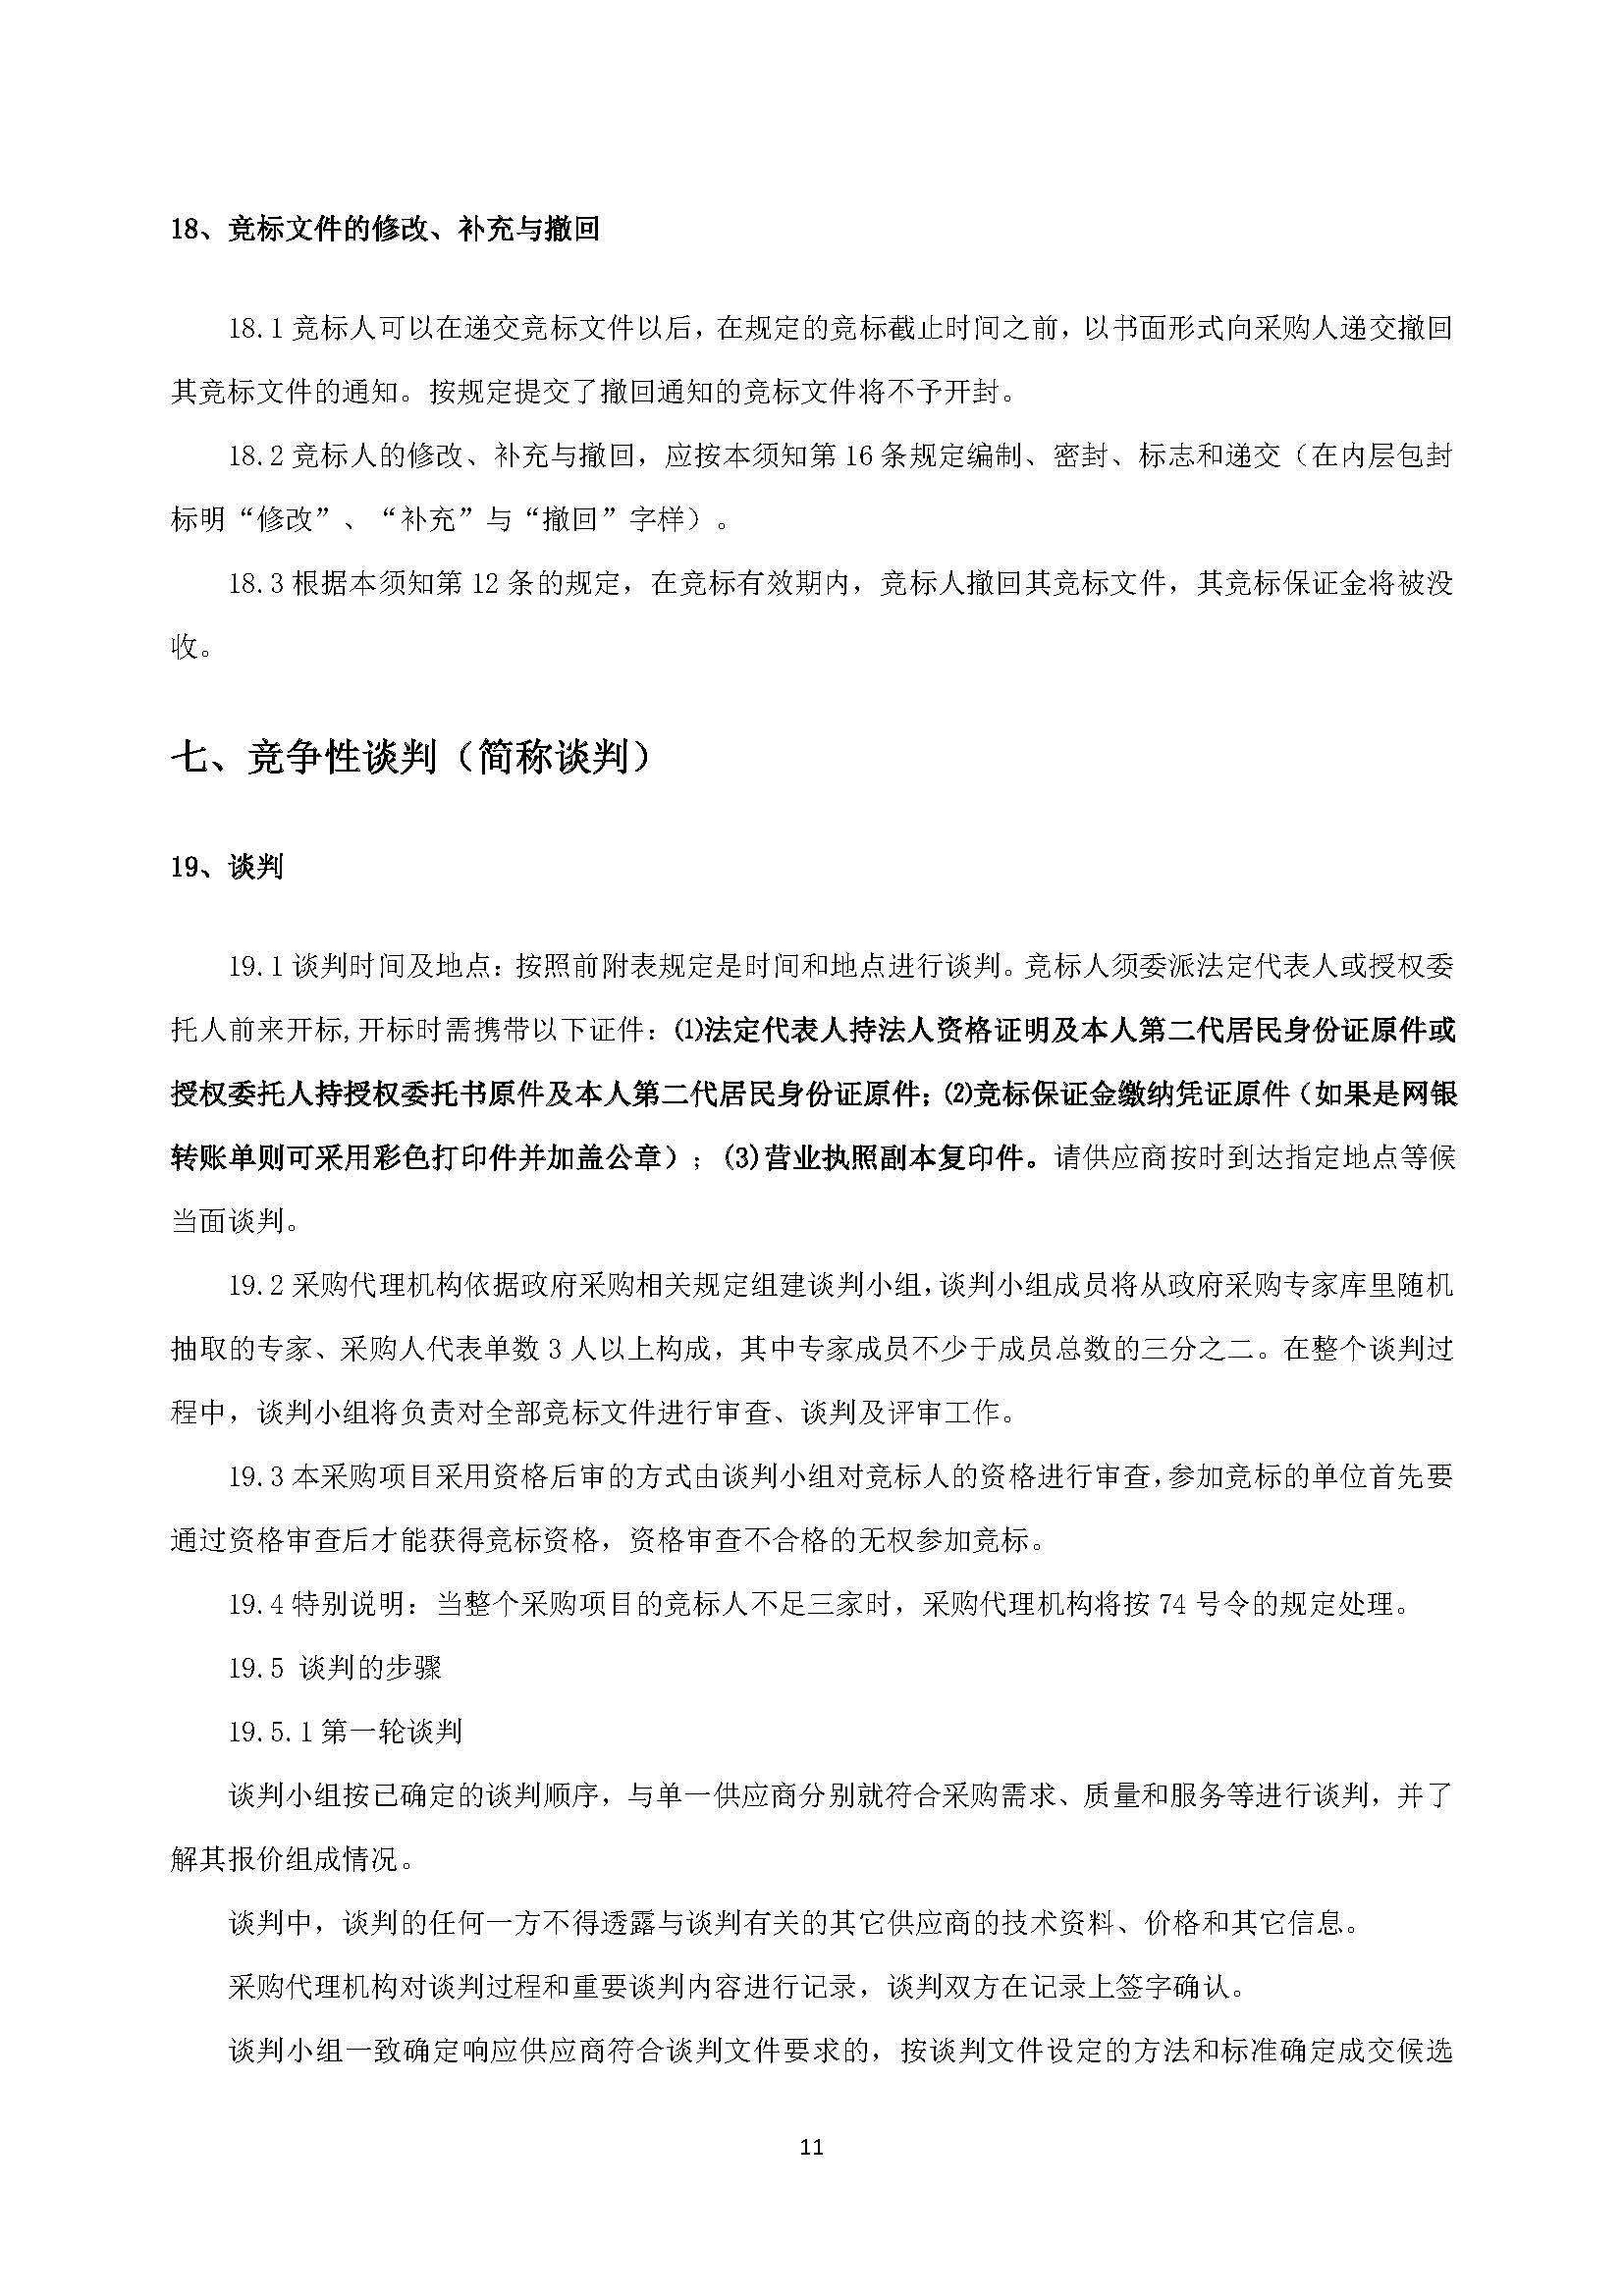 (确定)安徽快三基本走势图市政环卫园林绿化企业一体化面积测绘服务采购 竞争性谈判采购文件20200610(2)_页面_15.jpg